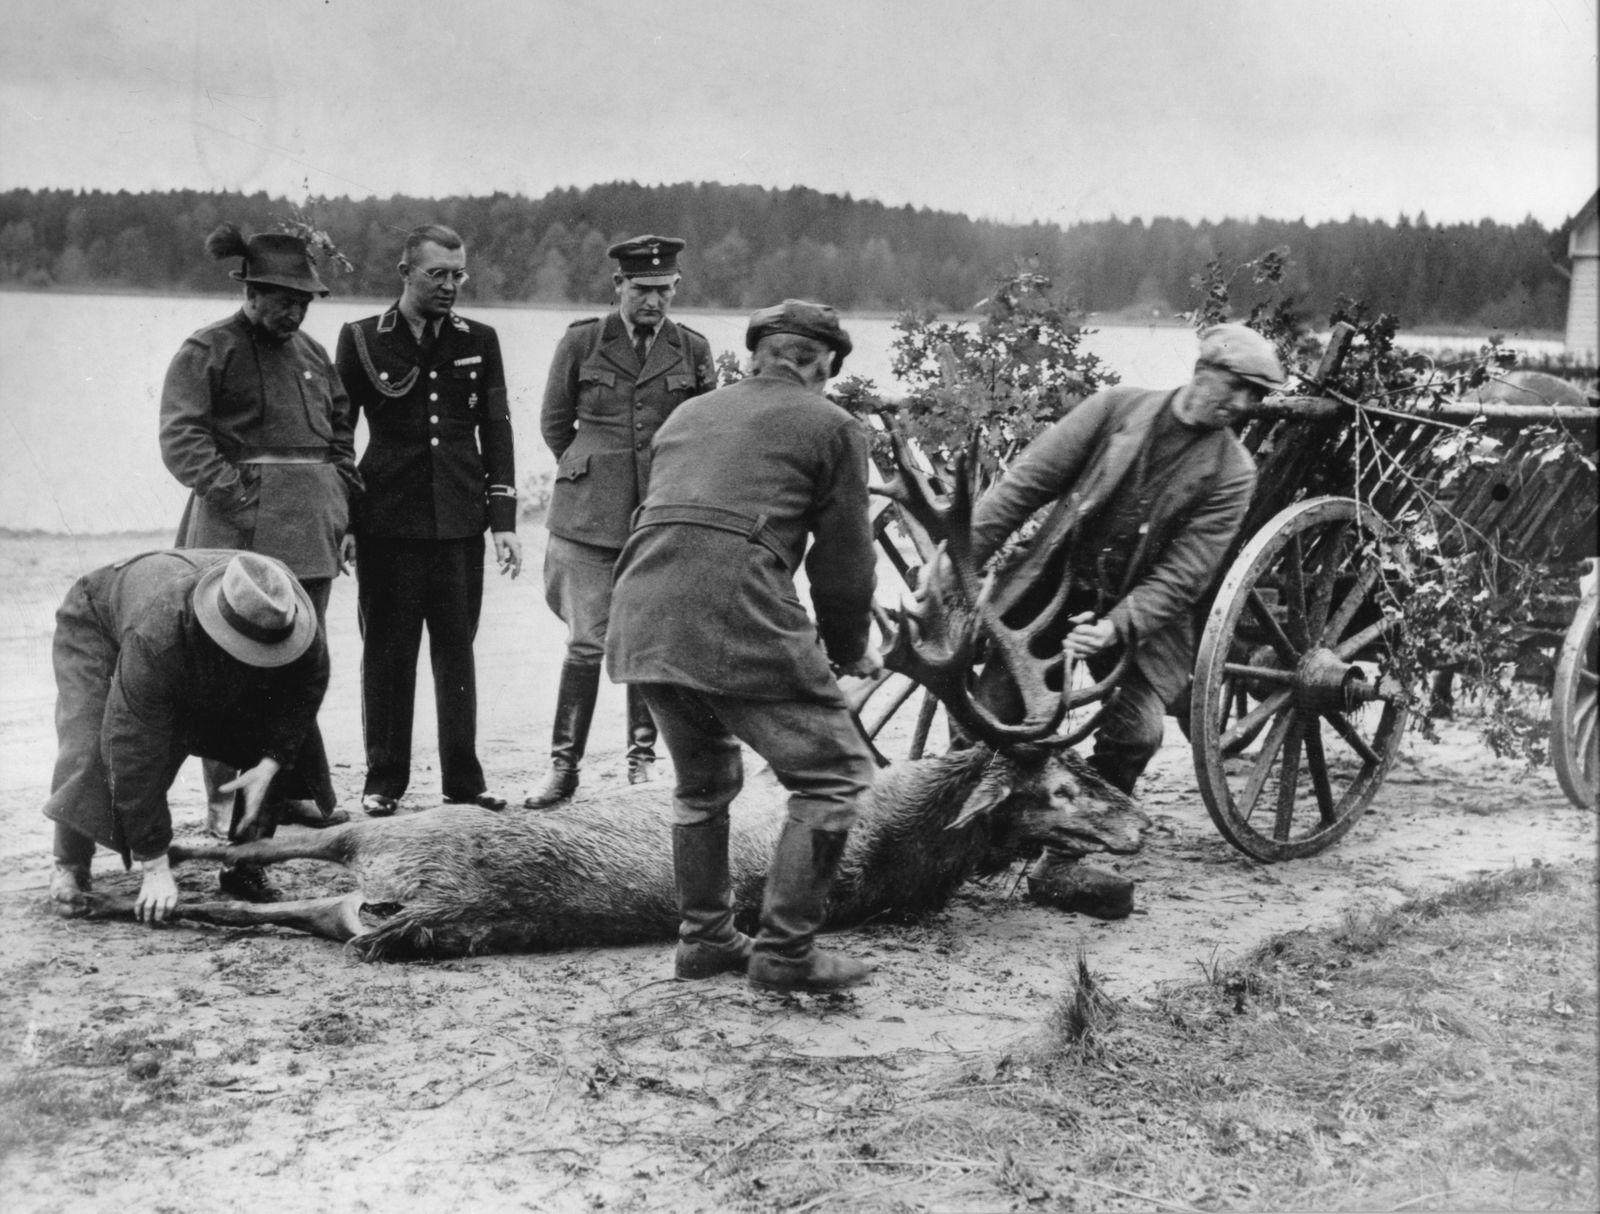 Gömbös in D - Göring u. Gömbös von Jakfa bei der Jagd in Ostpreussen, Rominter Heide